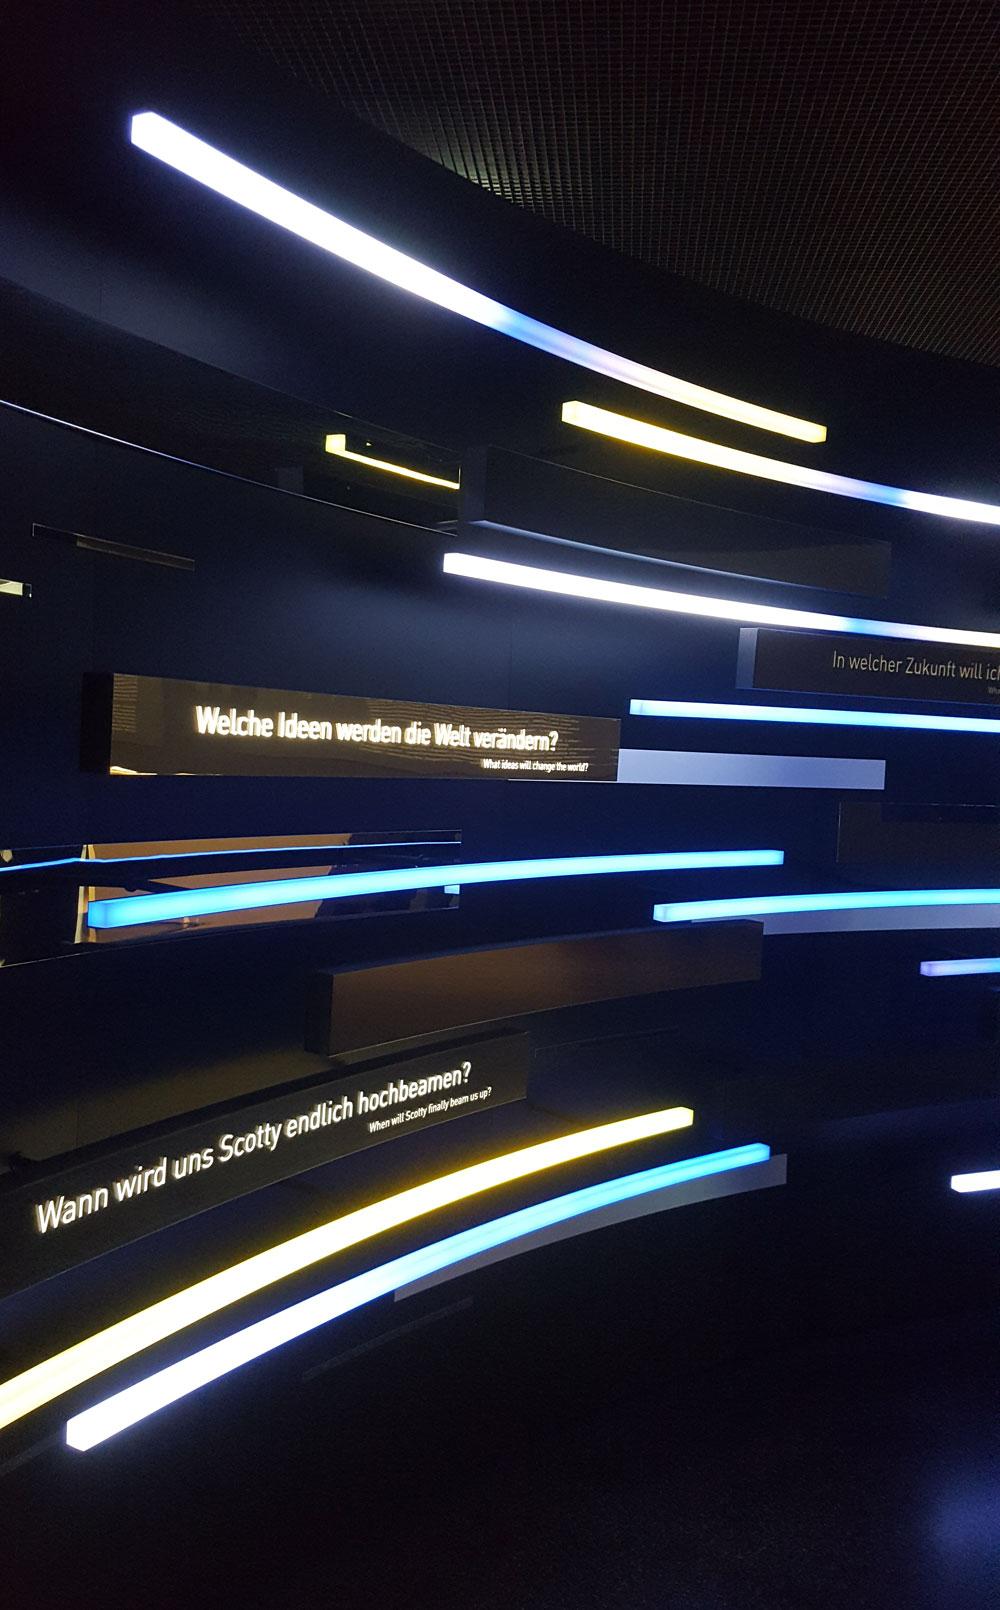 Lichttinstallation mit wechselnden Textbotschaften zum Thema Zukunft